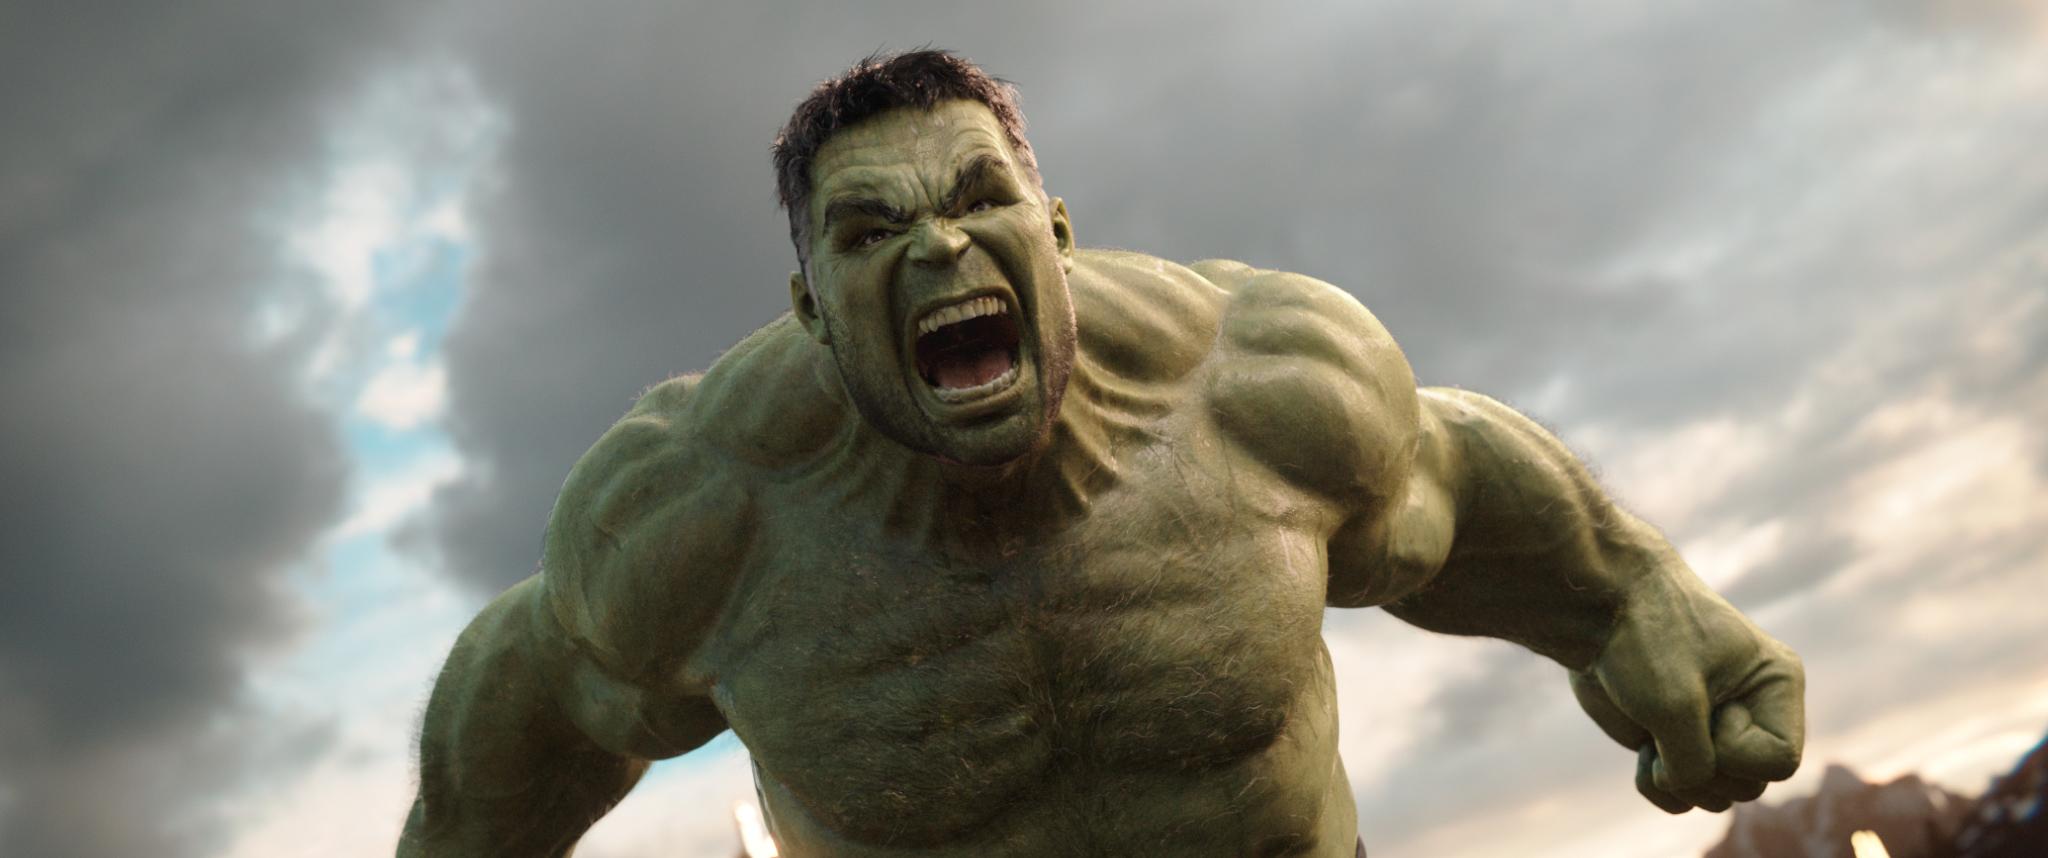 """Czy """"stary"""" Hulk wróci do filmów Marvela? W Endgame zaszła ważna zmiana"""